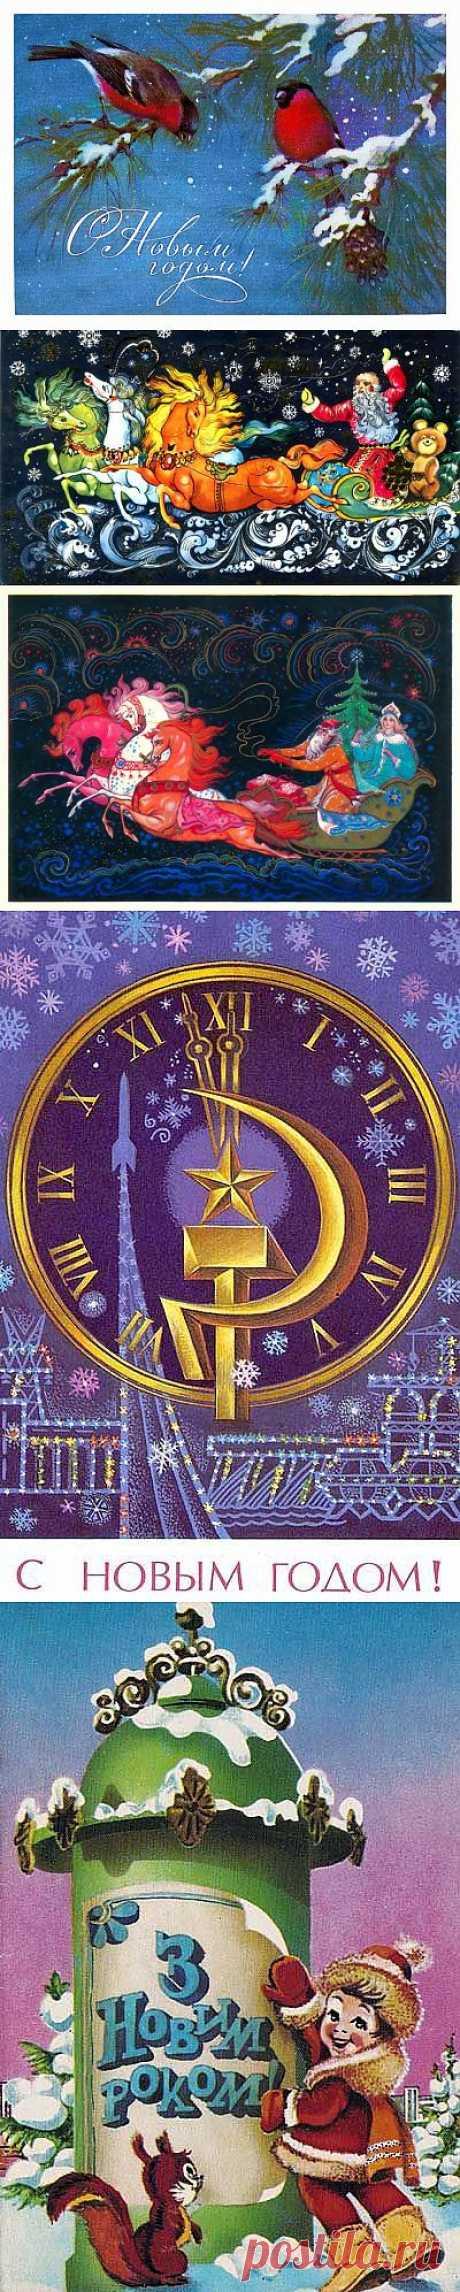 Открытки с Новым годом в советское время выглядели так (86 фото).